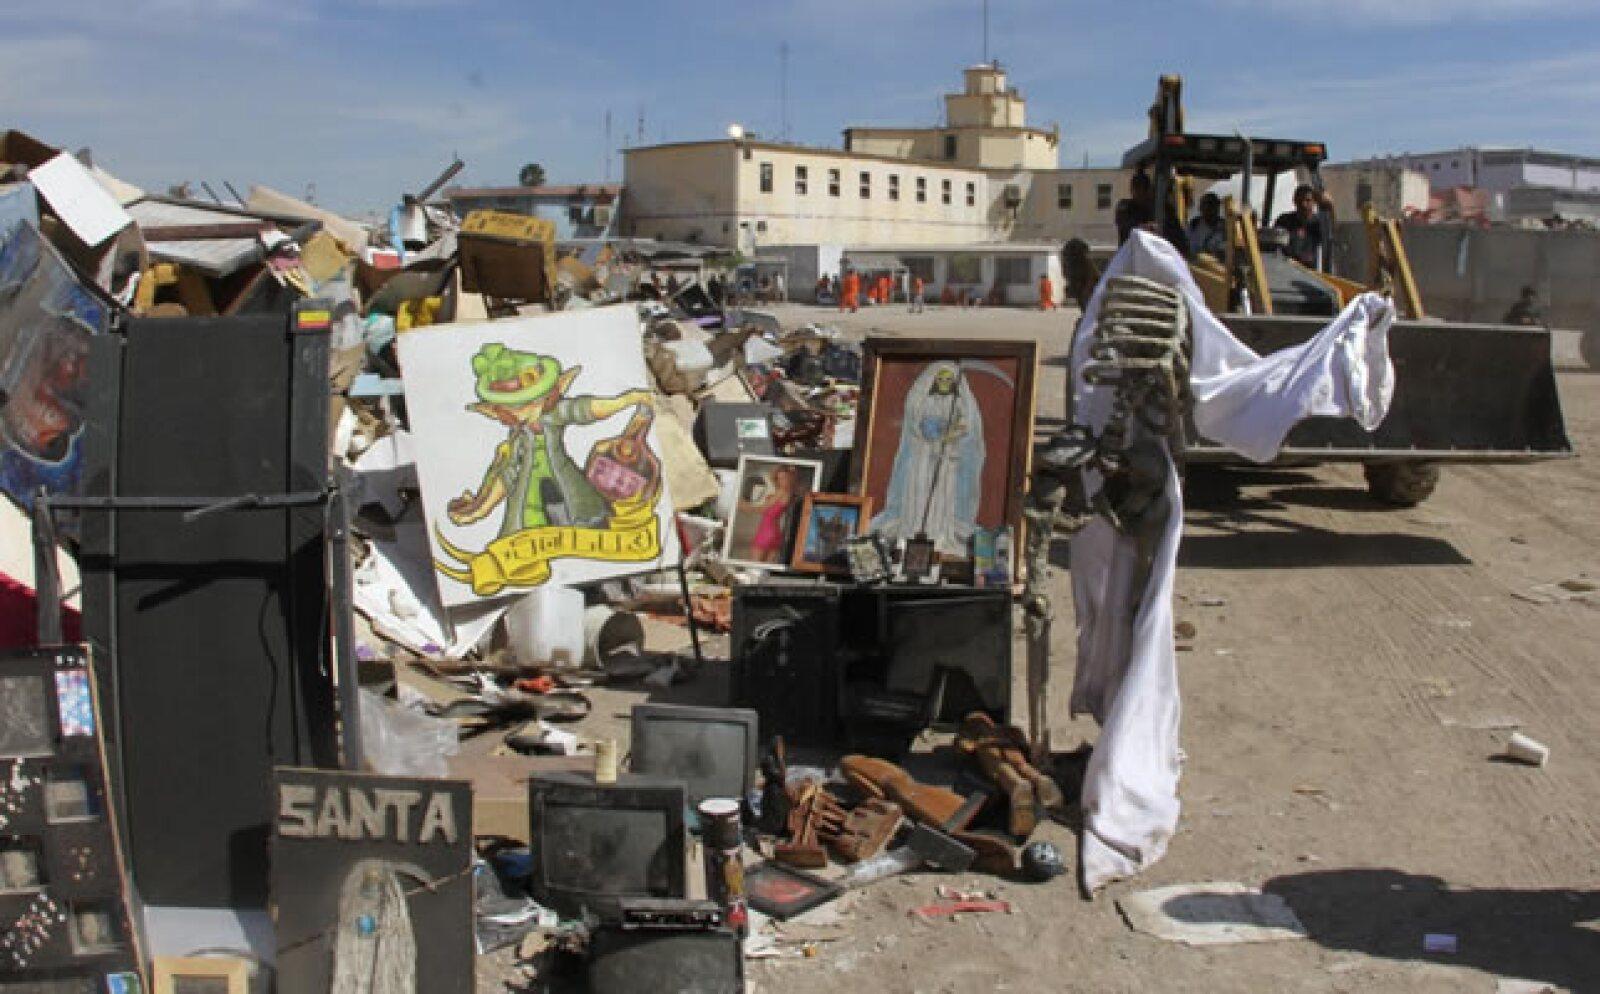 El gobierno de Nuevo León informó que destruyó todos los artículos que encontró